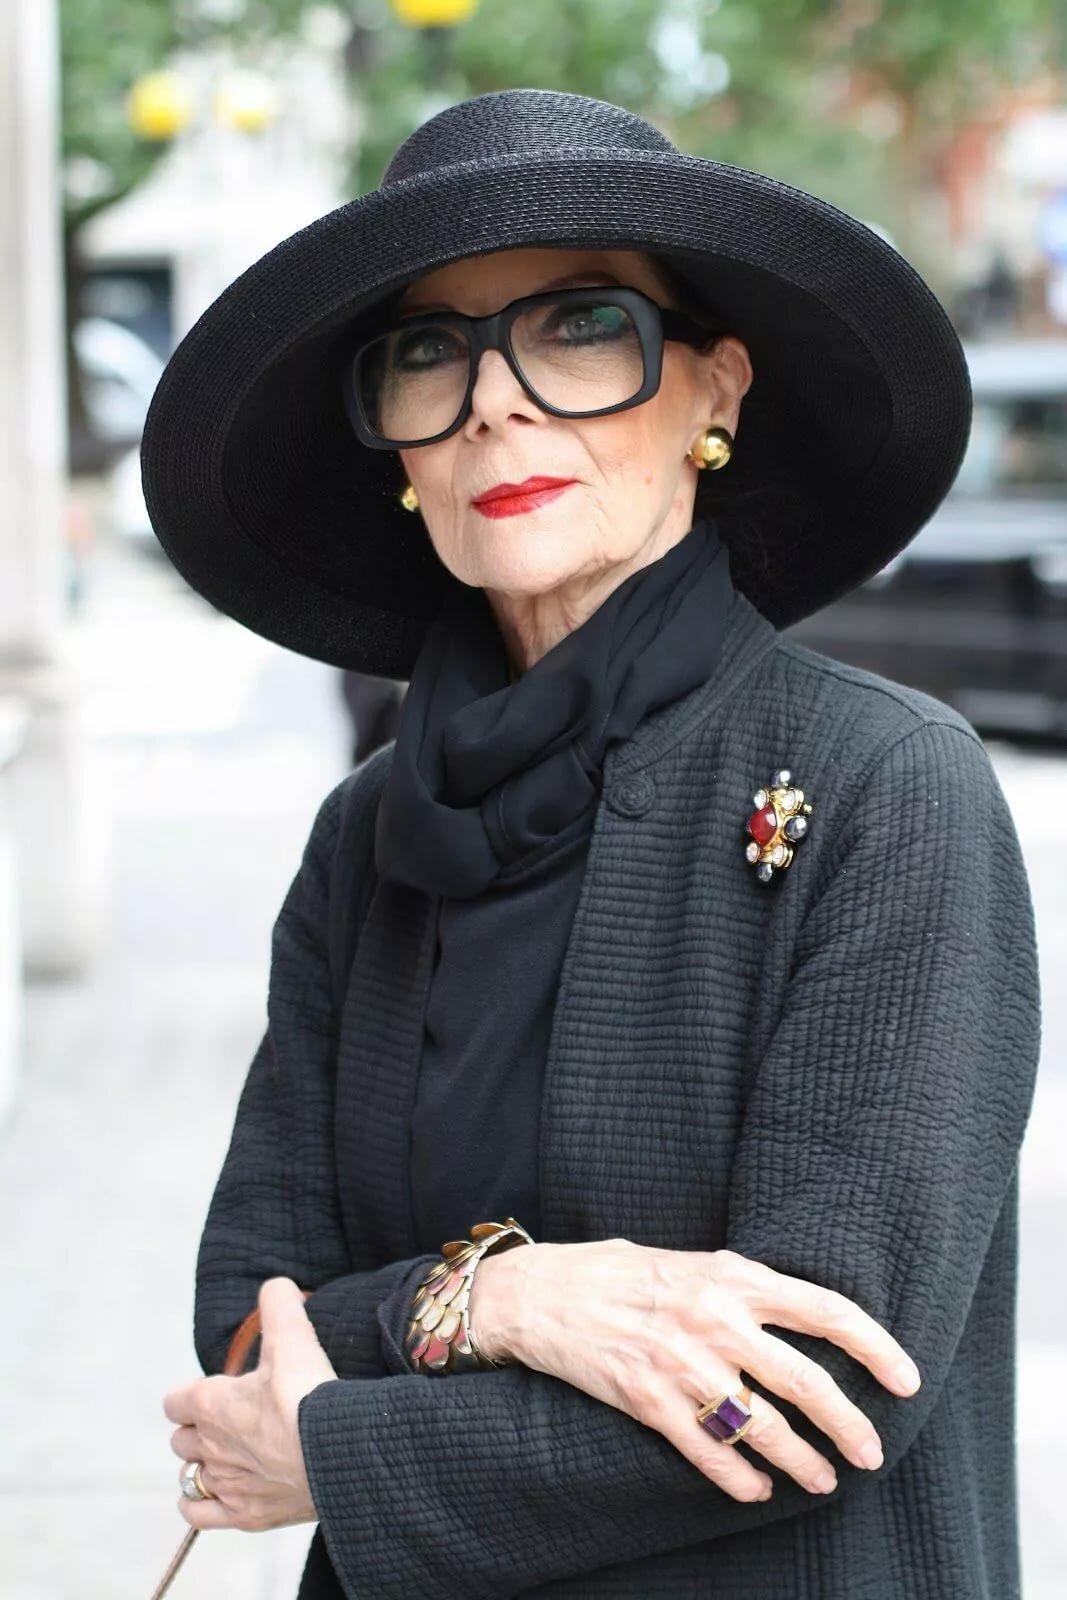 Какие предметы одежды выставляют женщин за 40 лет в невыгодном свете